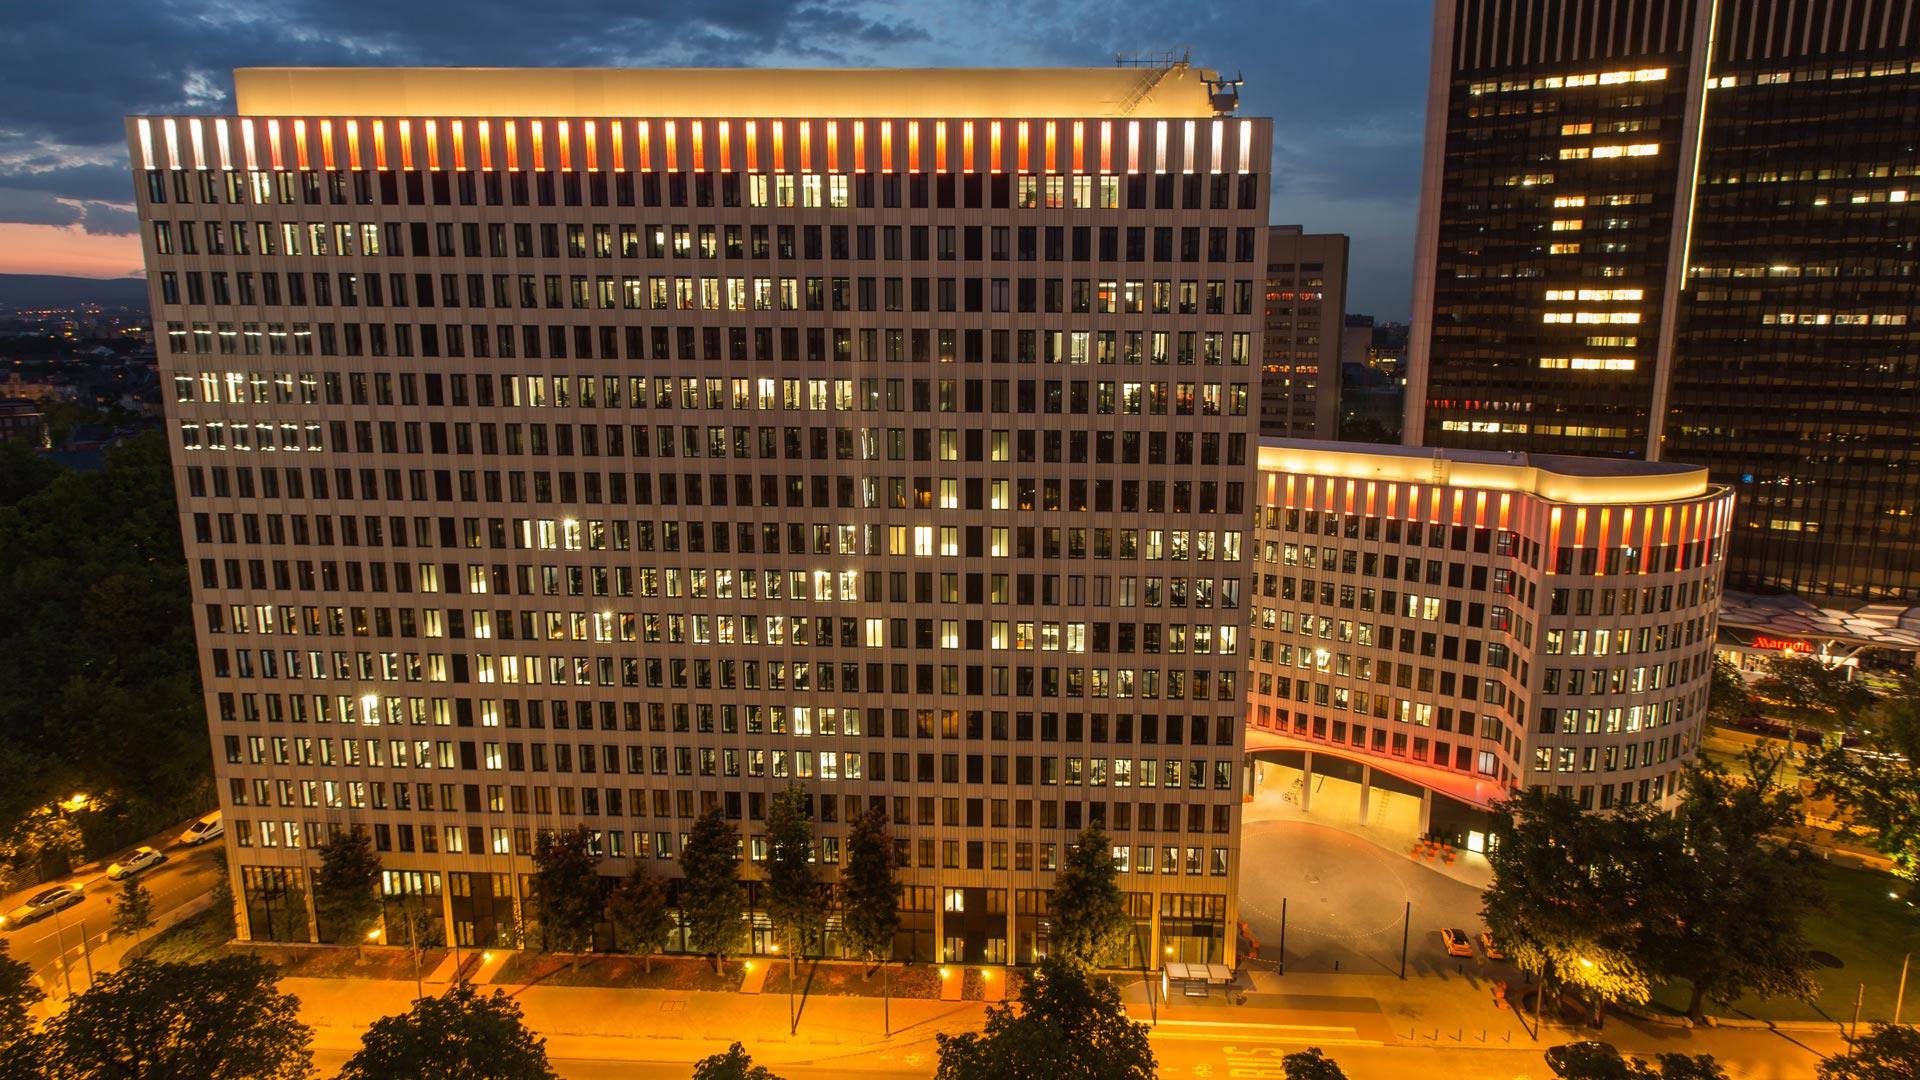 """MAASS-Lichtplanung_Fassadenbeleuchtung ING-DiBa AG Headquarter """"LEO""""__MAASS-LEO-Attikabeleuchtung-002"""